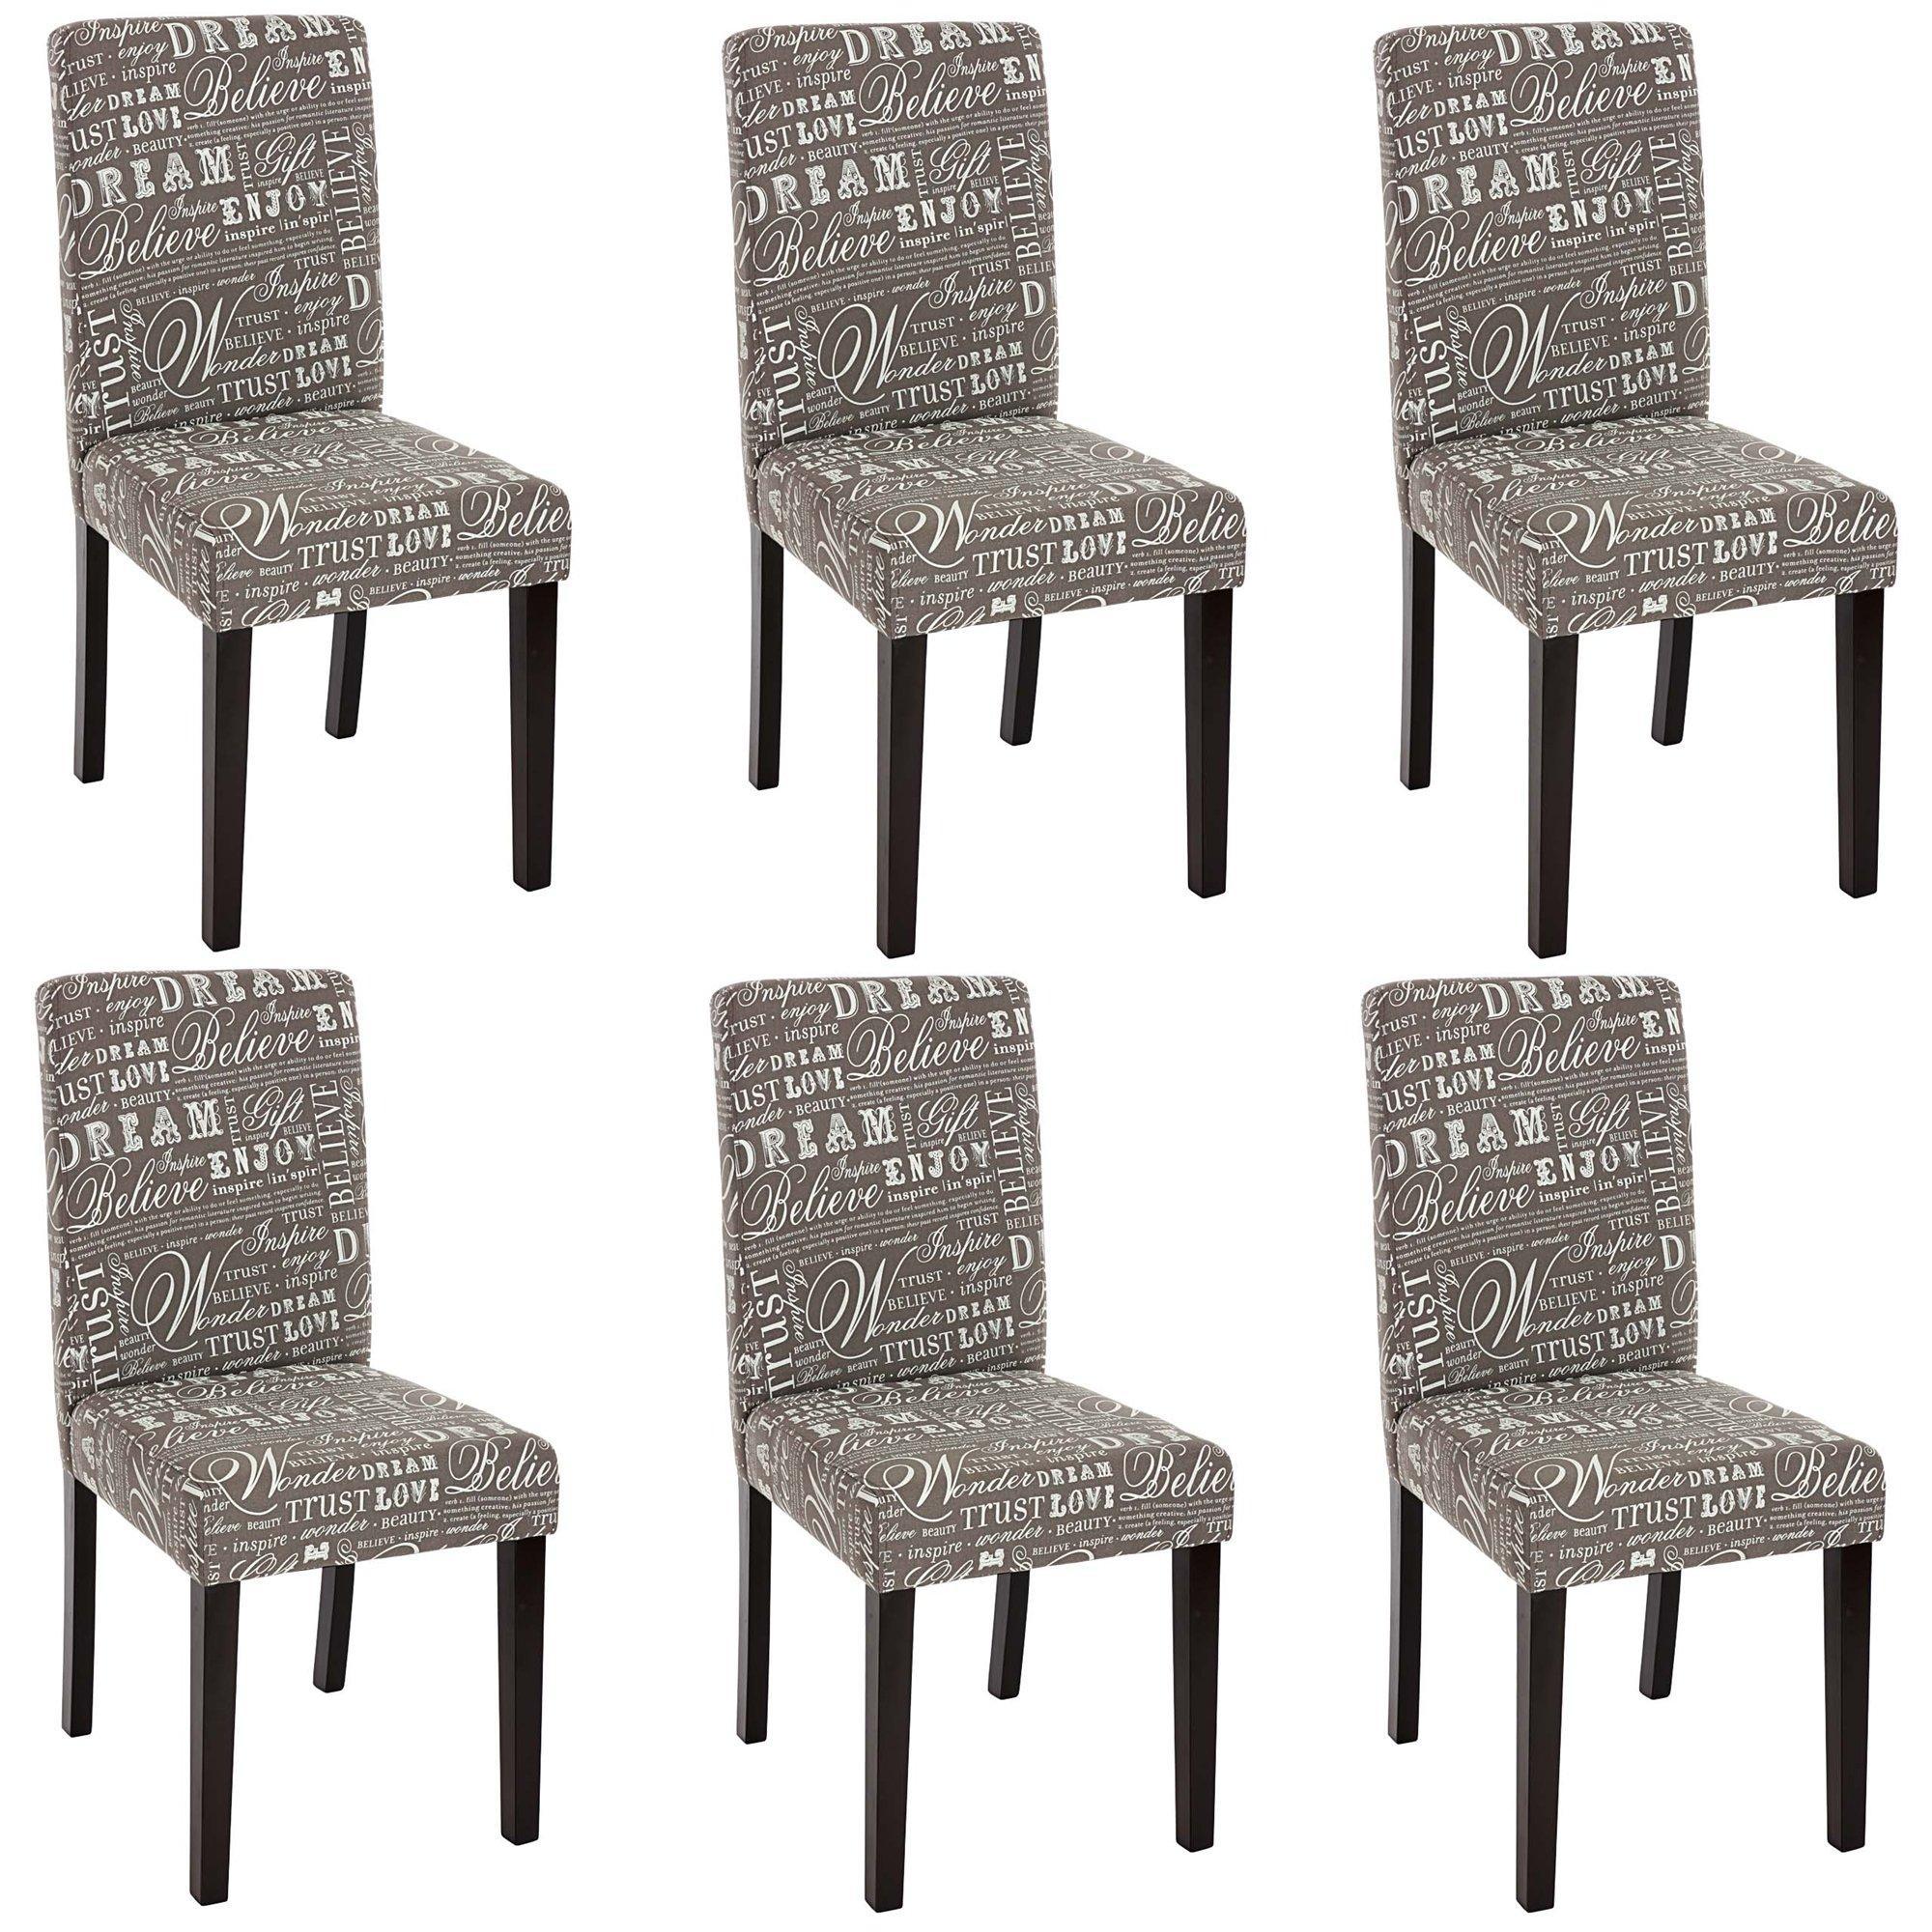 Conjunto 6 sillas dali tela gris y patas oscuras - Tela para sillas de comedor ...